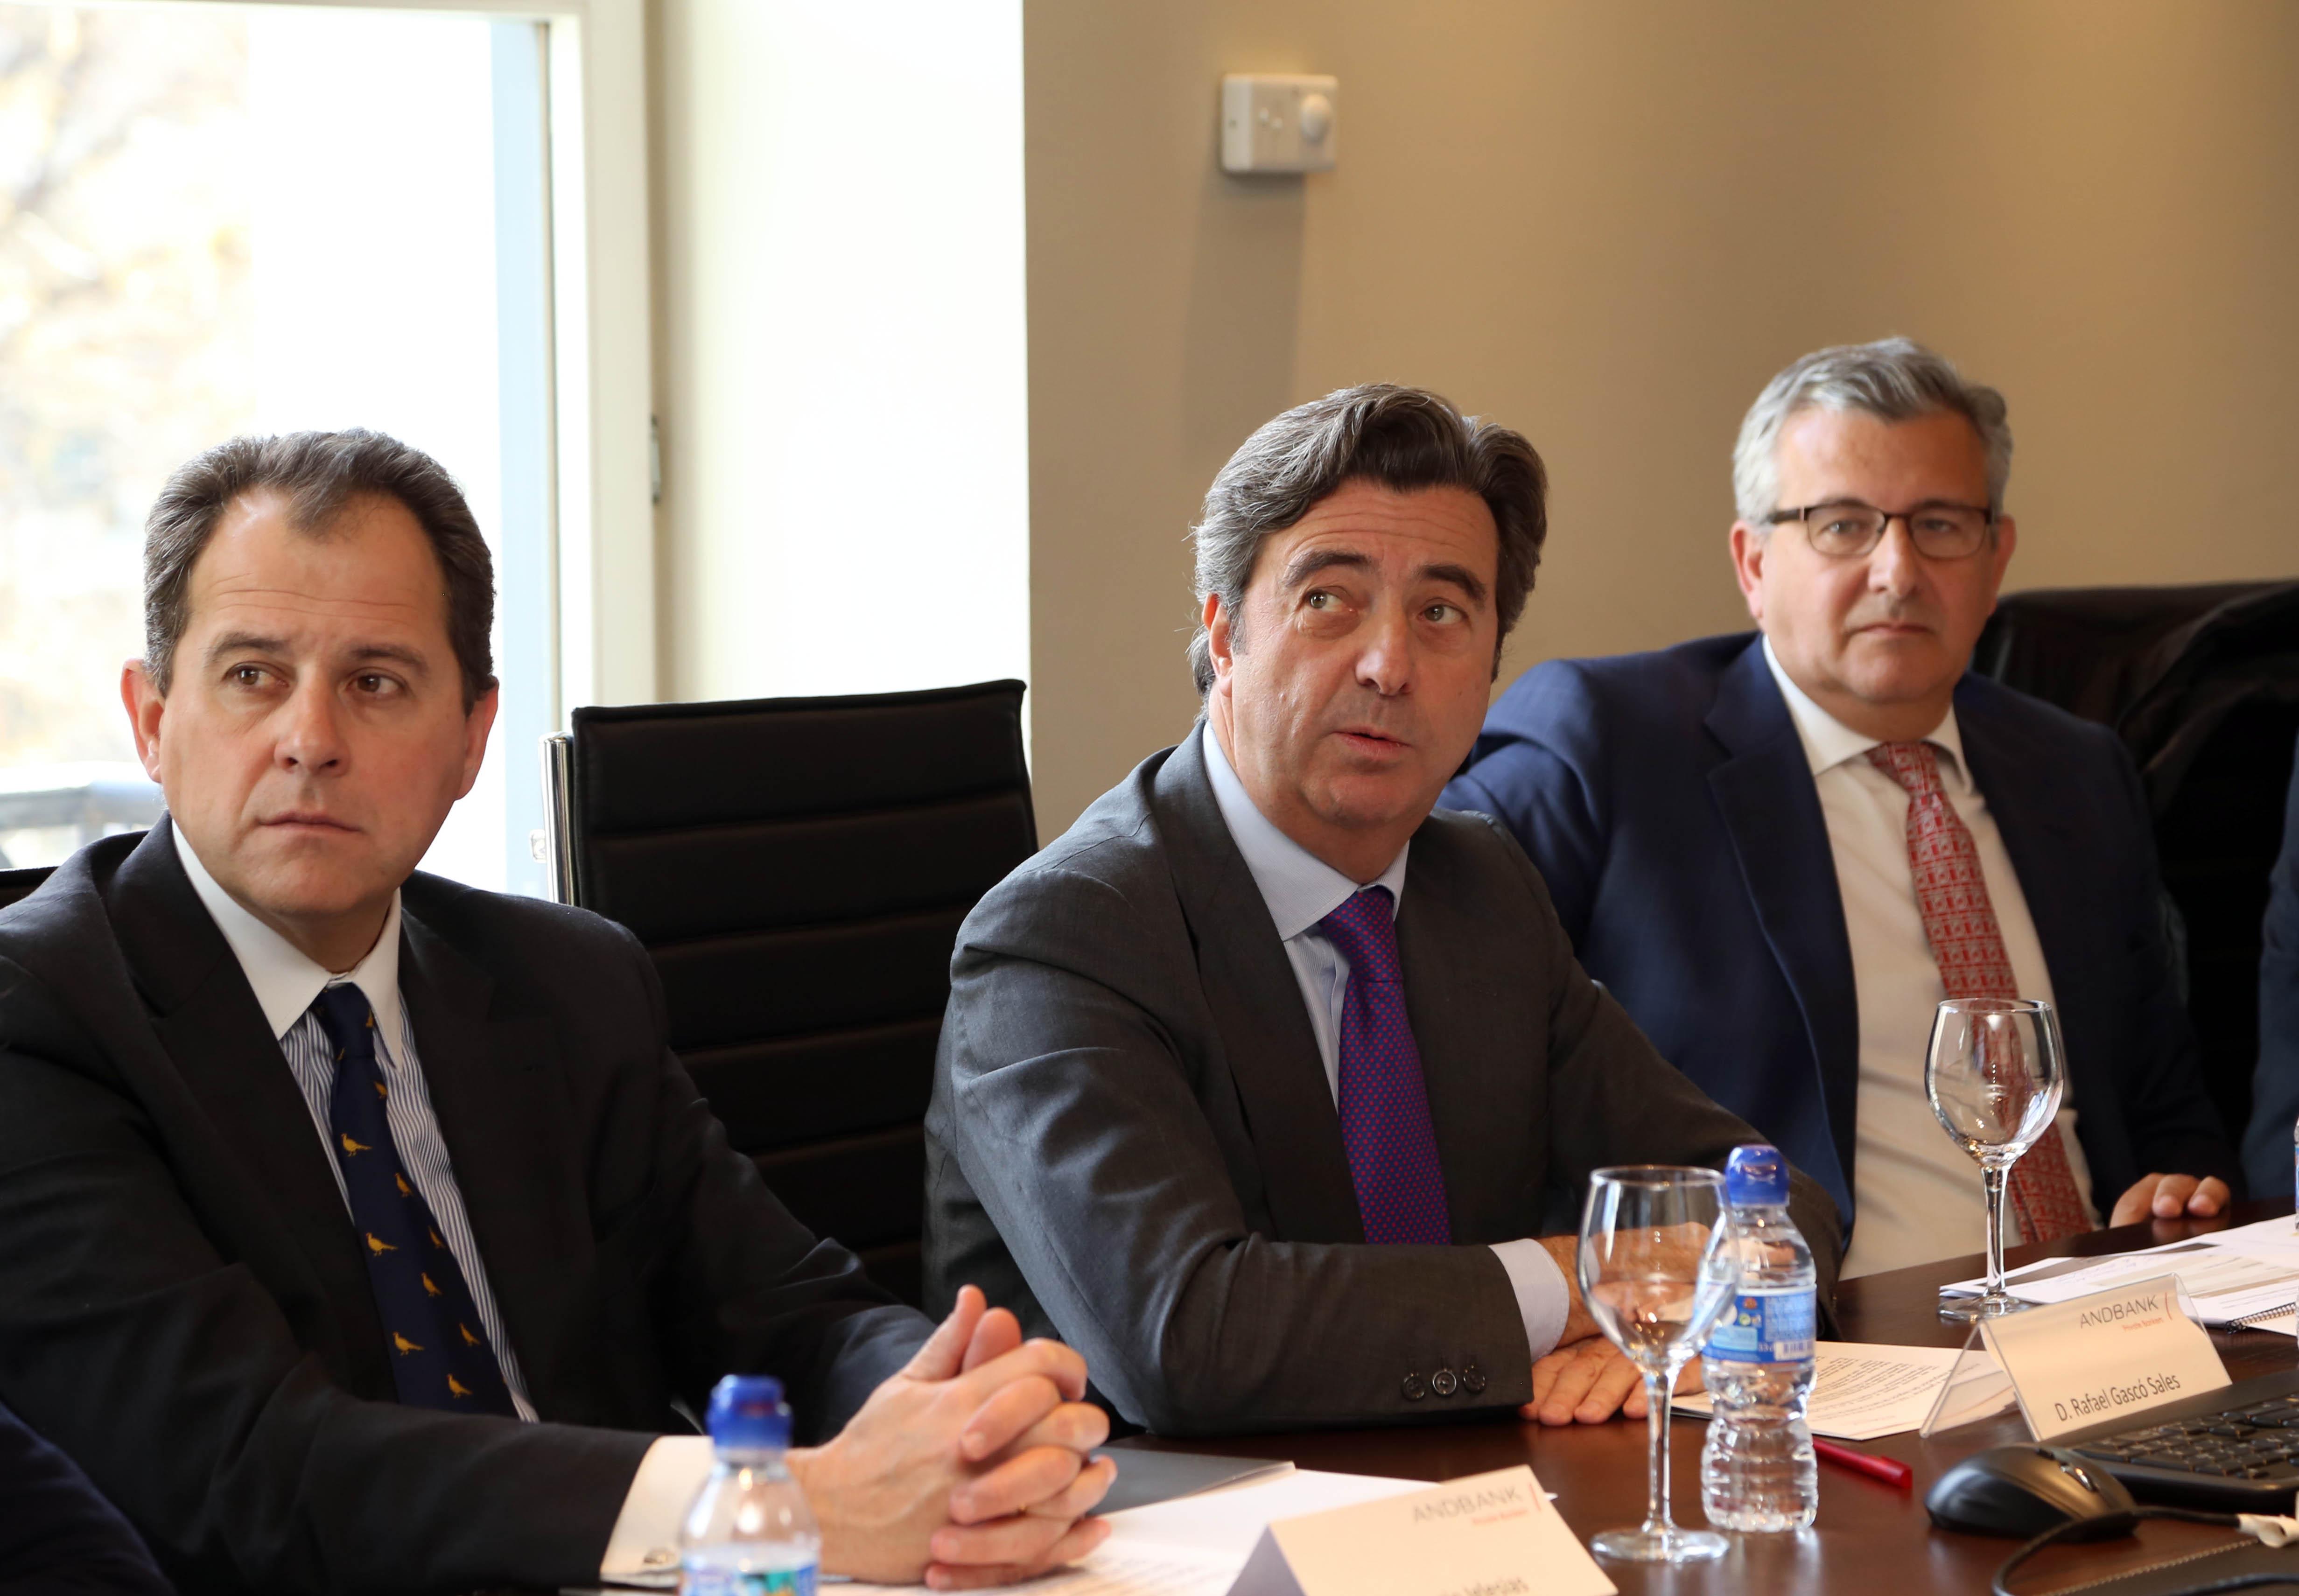 Andbank nombra a Carlos Moreno de Tejada, director general de Negocio, y a Ignacio Iglesias, director general de Control y Riesgos